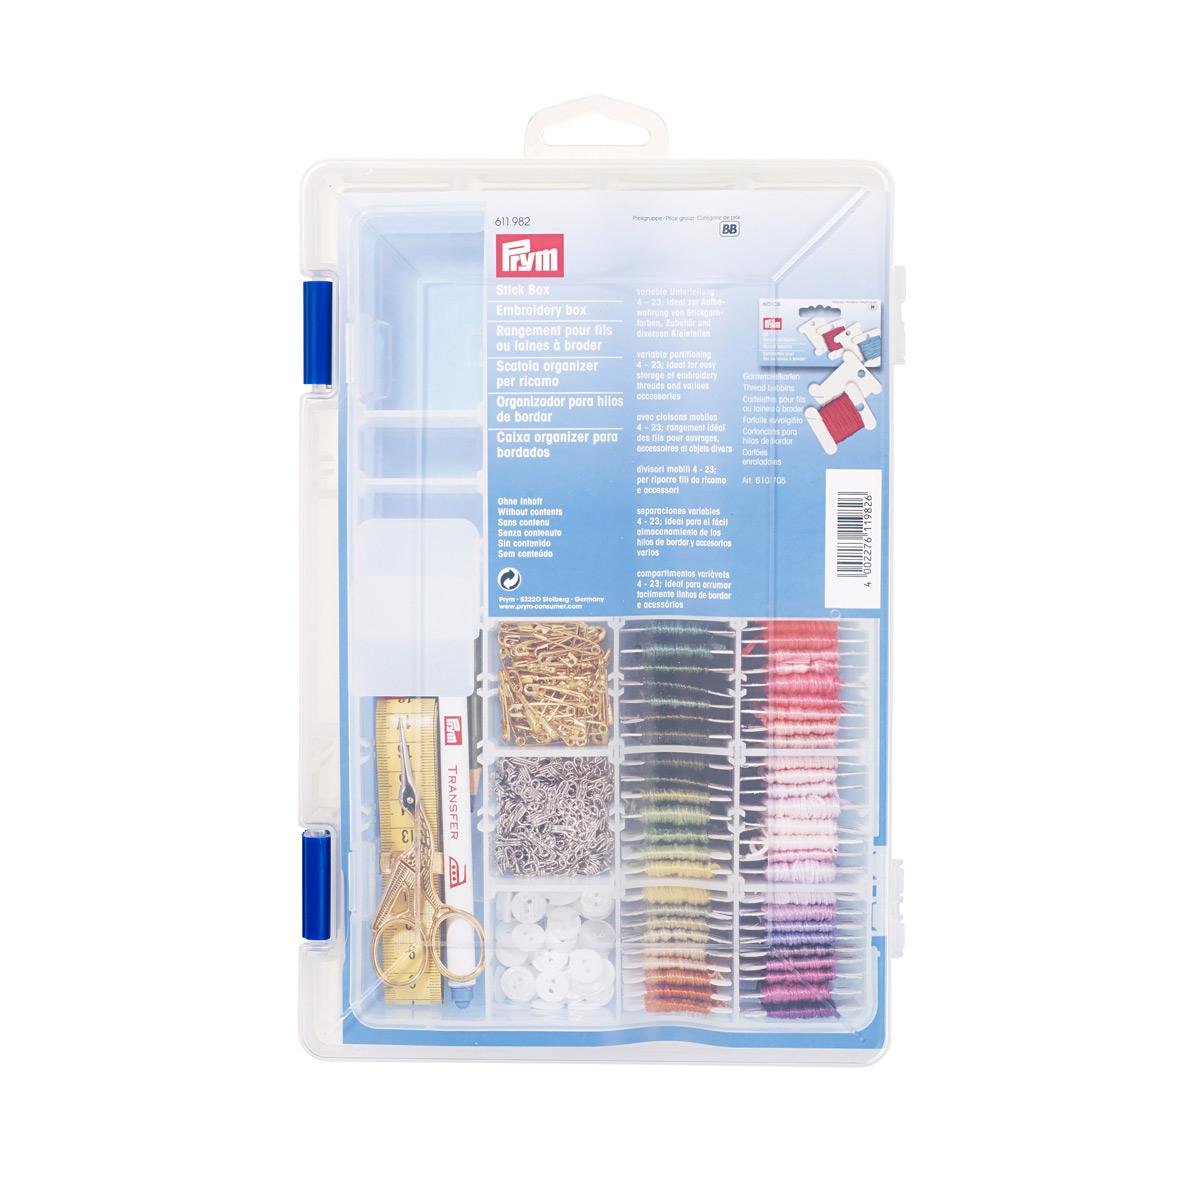 611982 Органайзер для вышивания, прозрачный пластик Prym